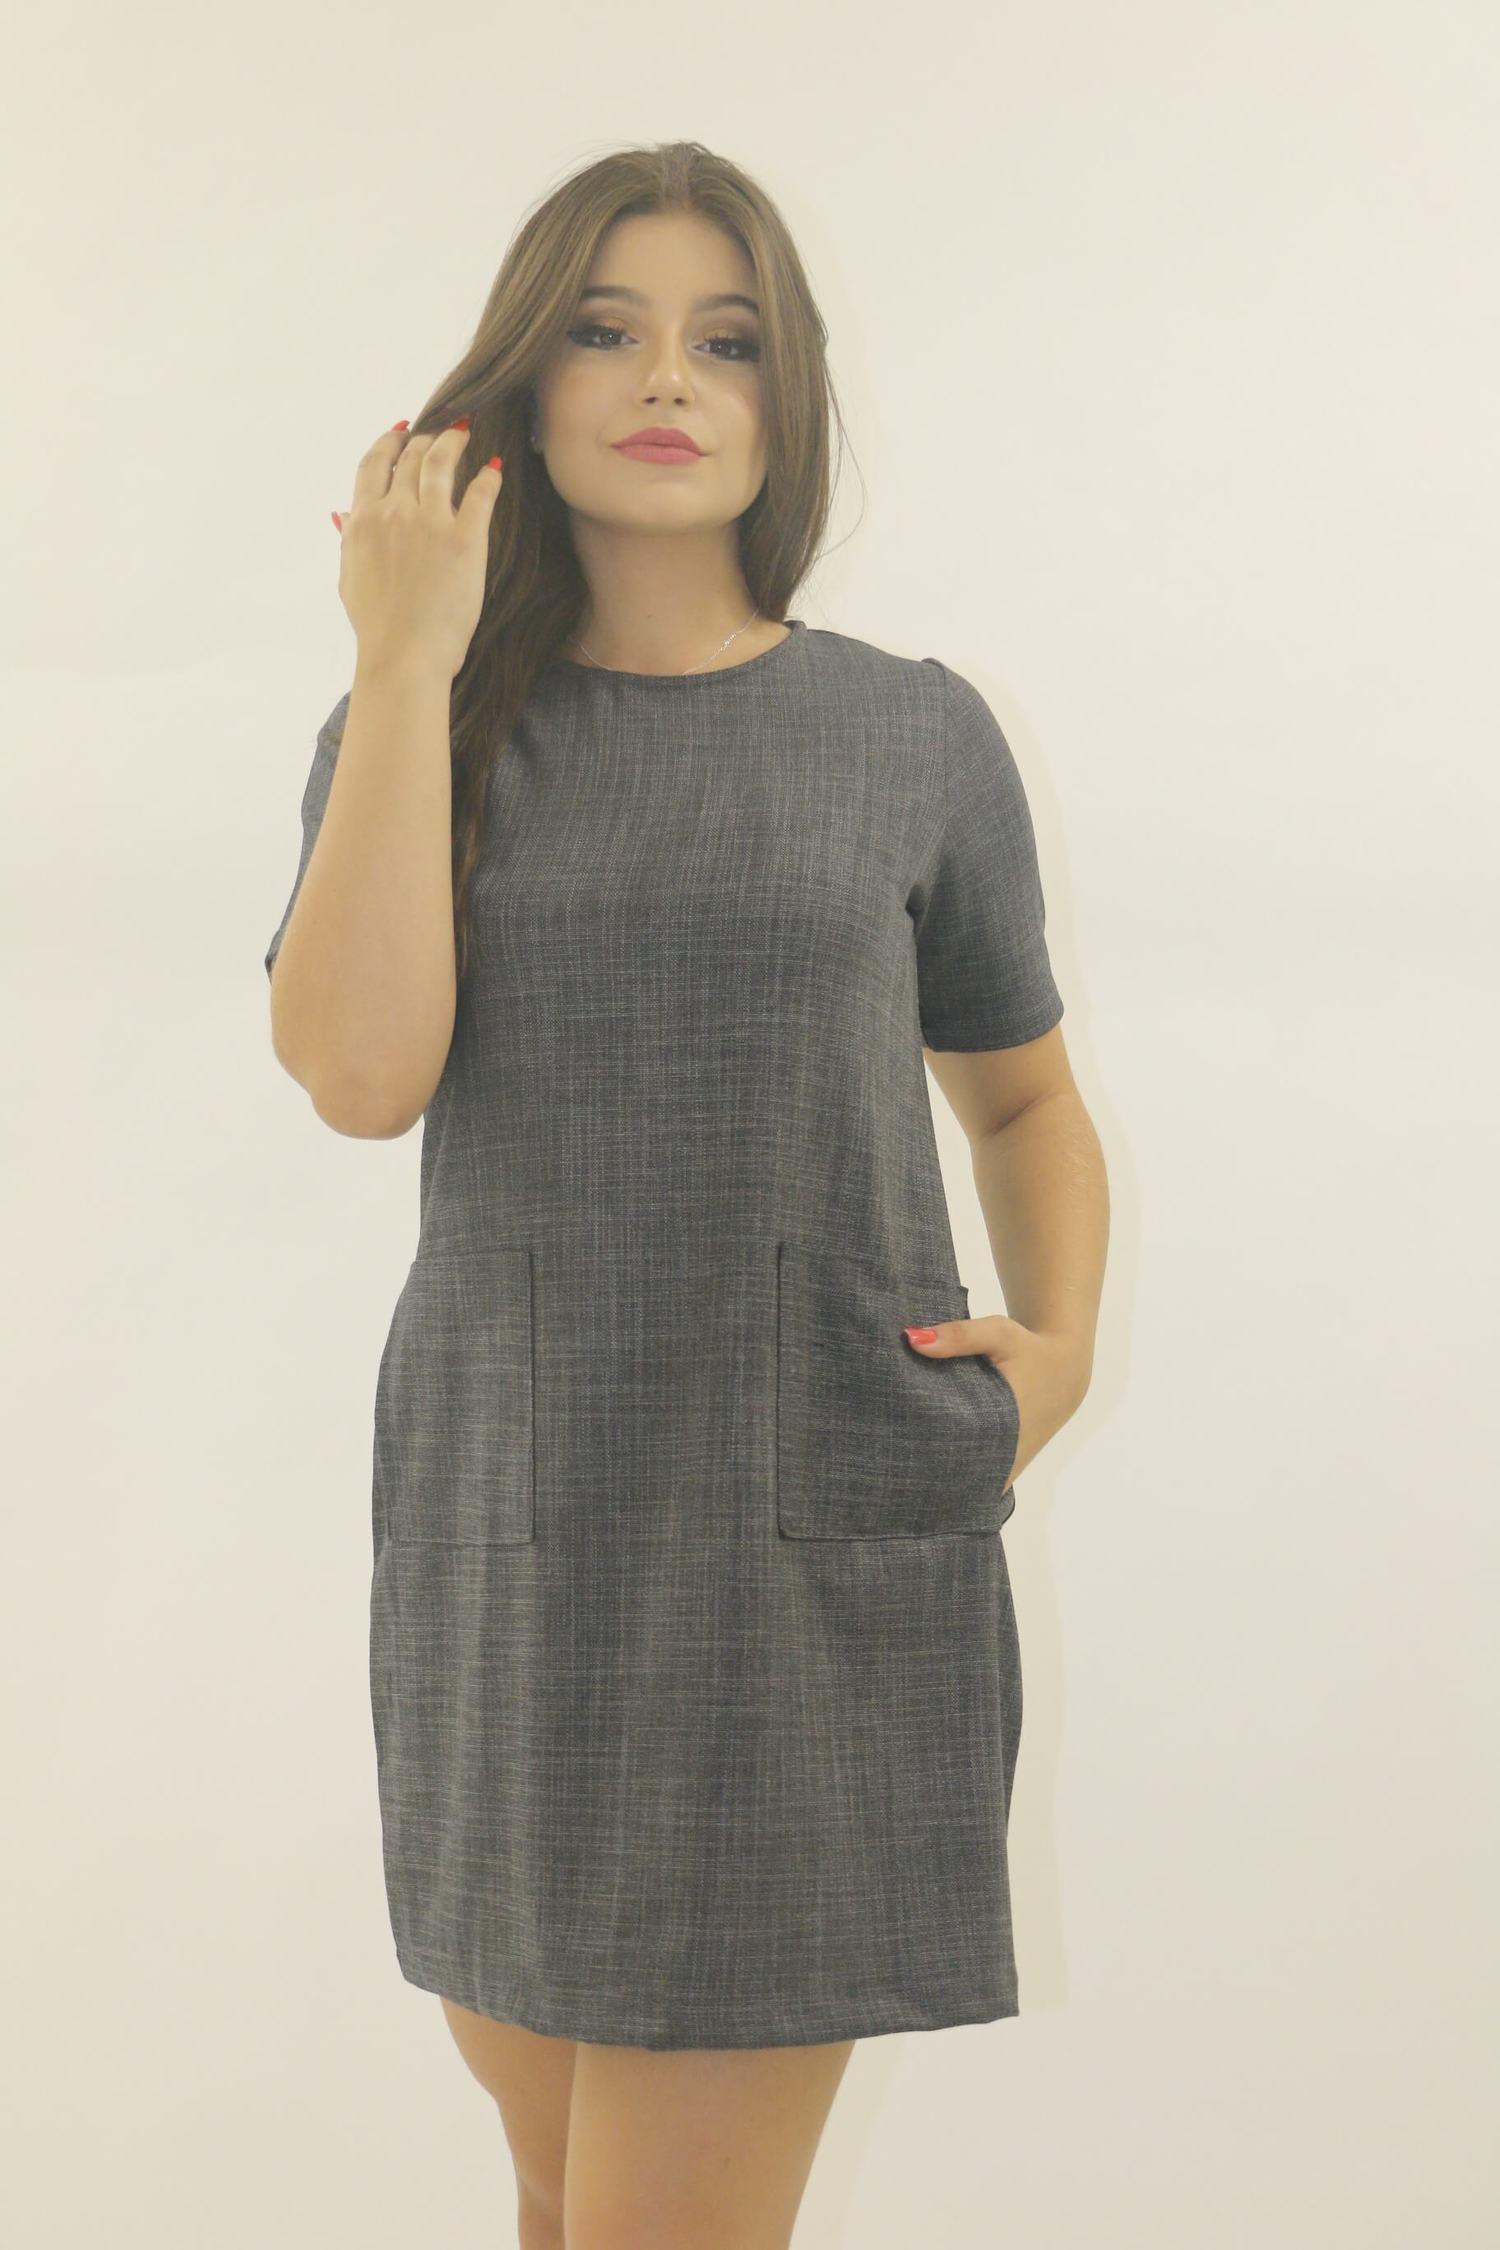 Vestido cinza com bolso